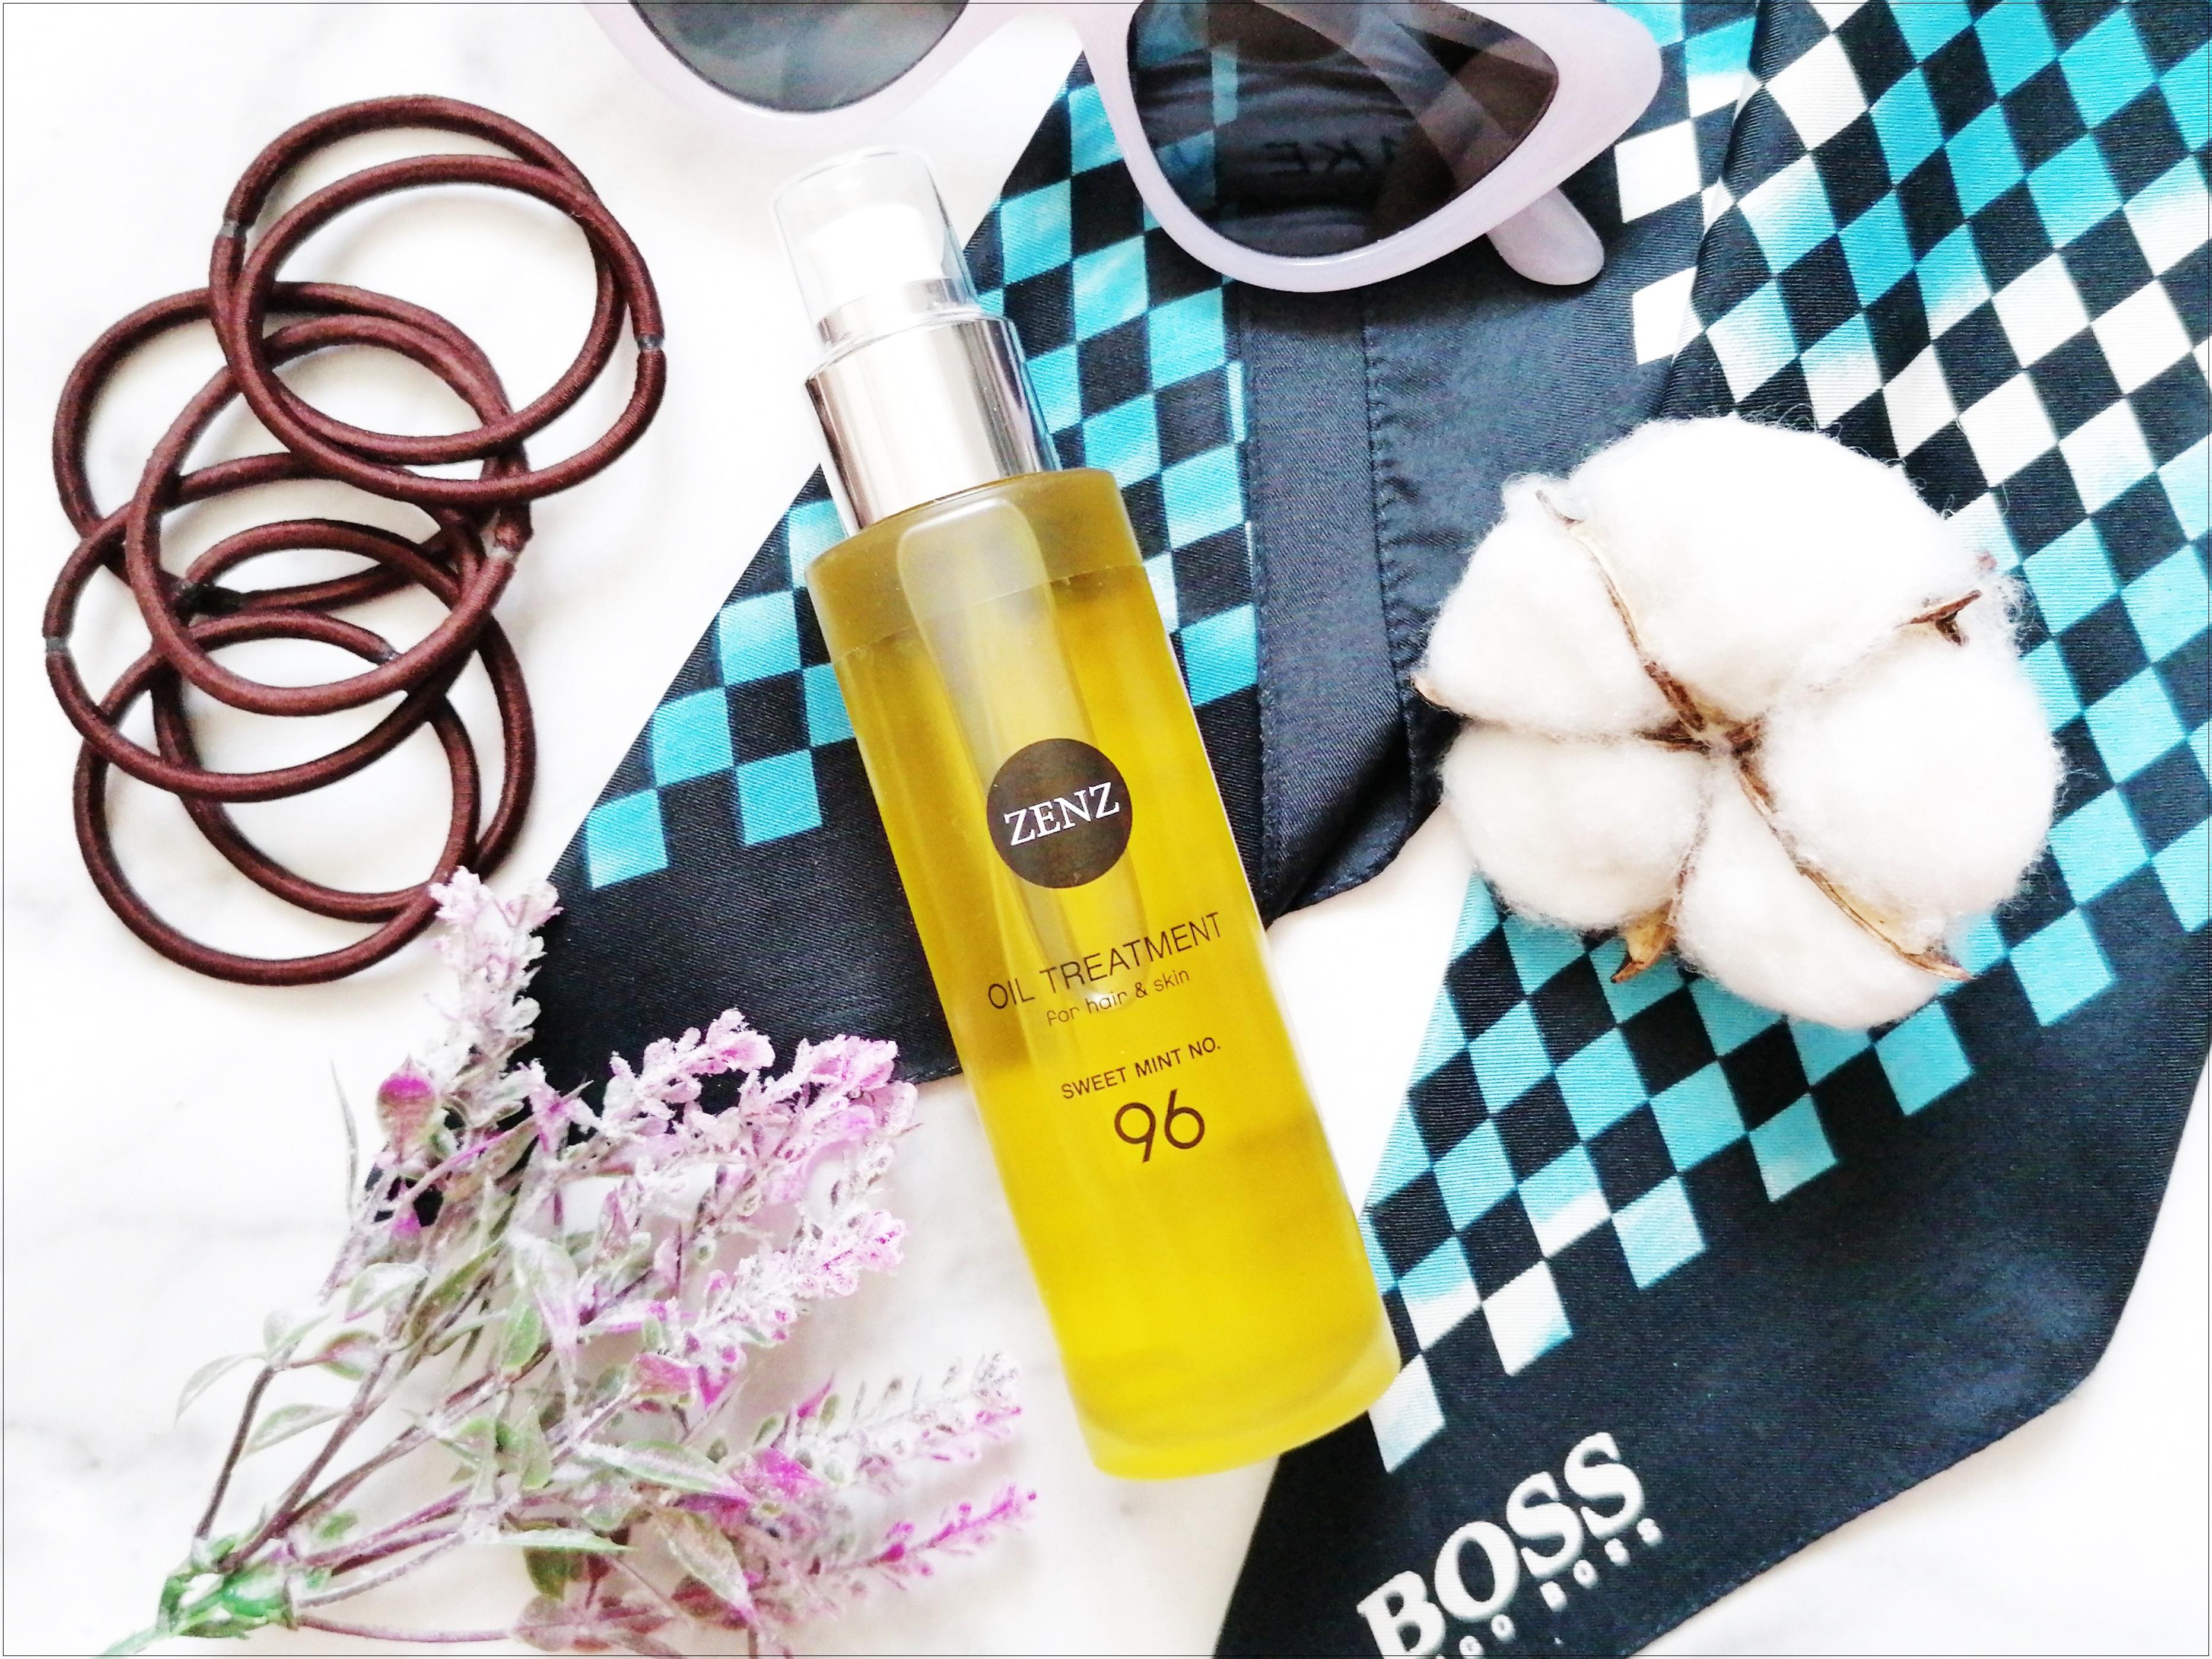 Zenz organic haircare